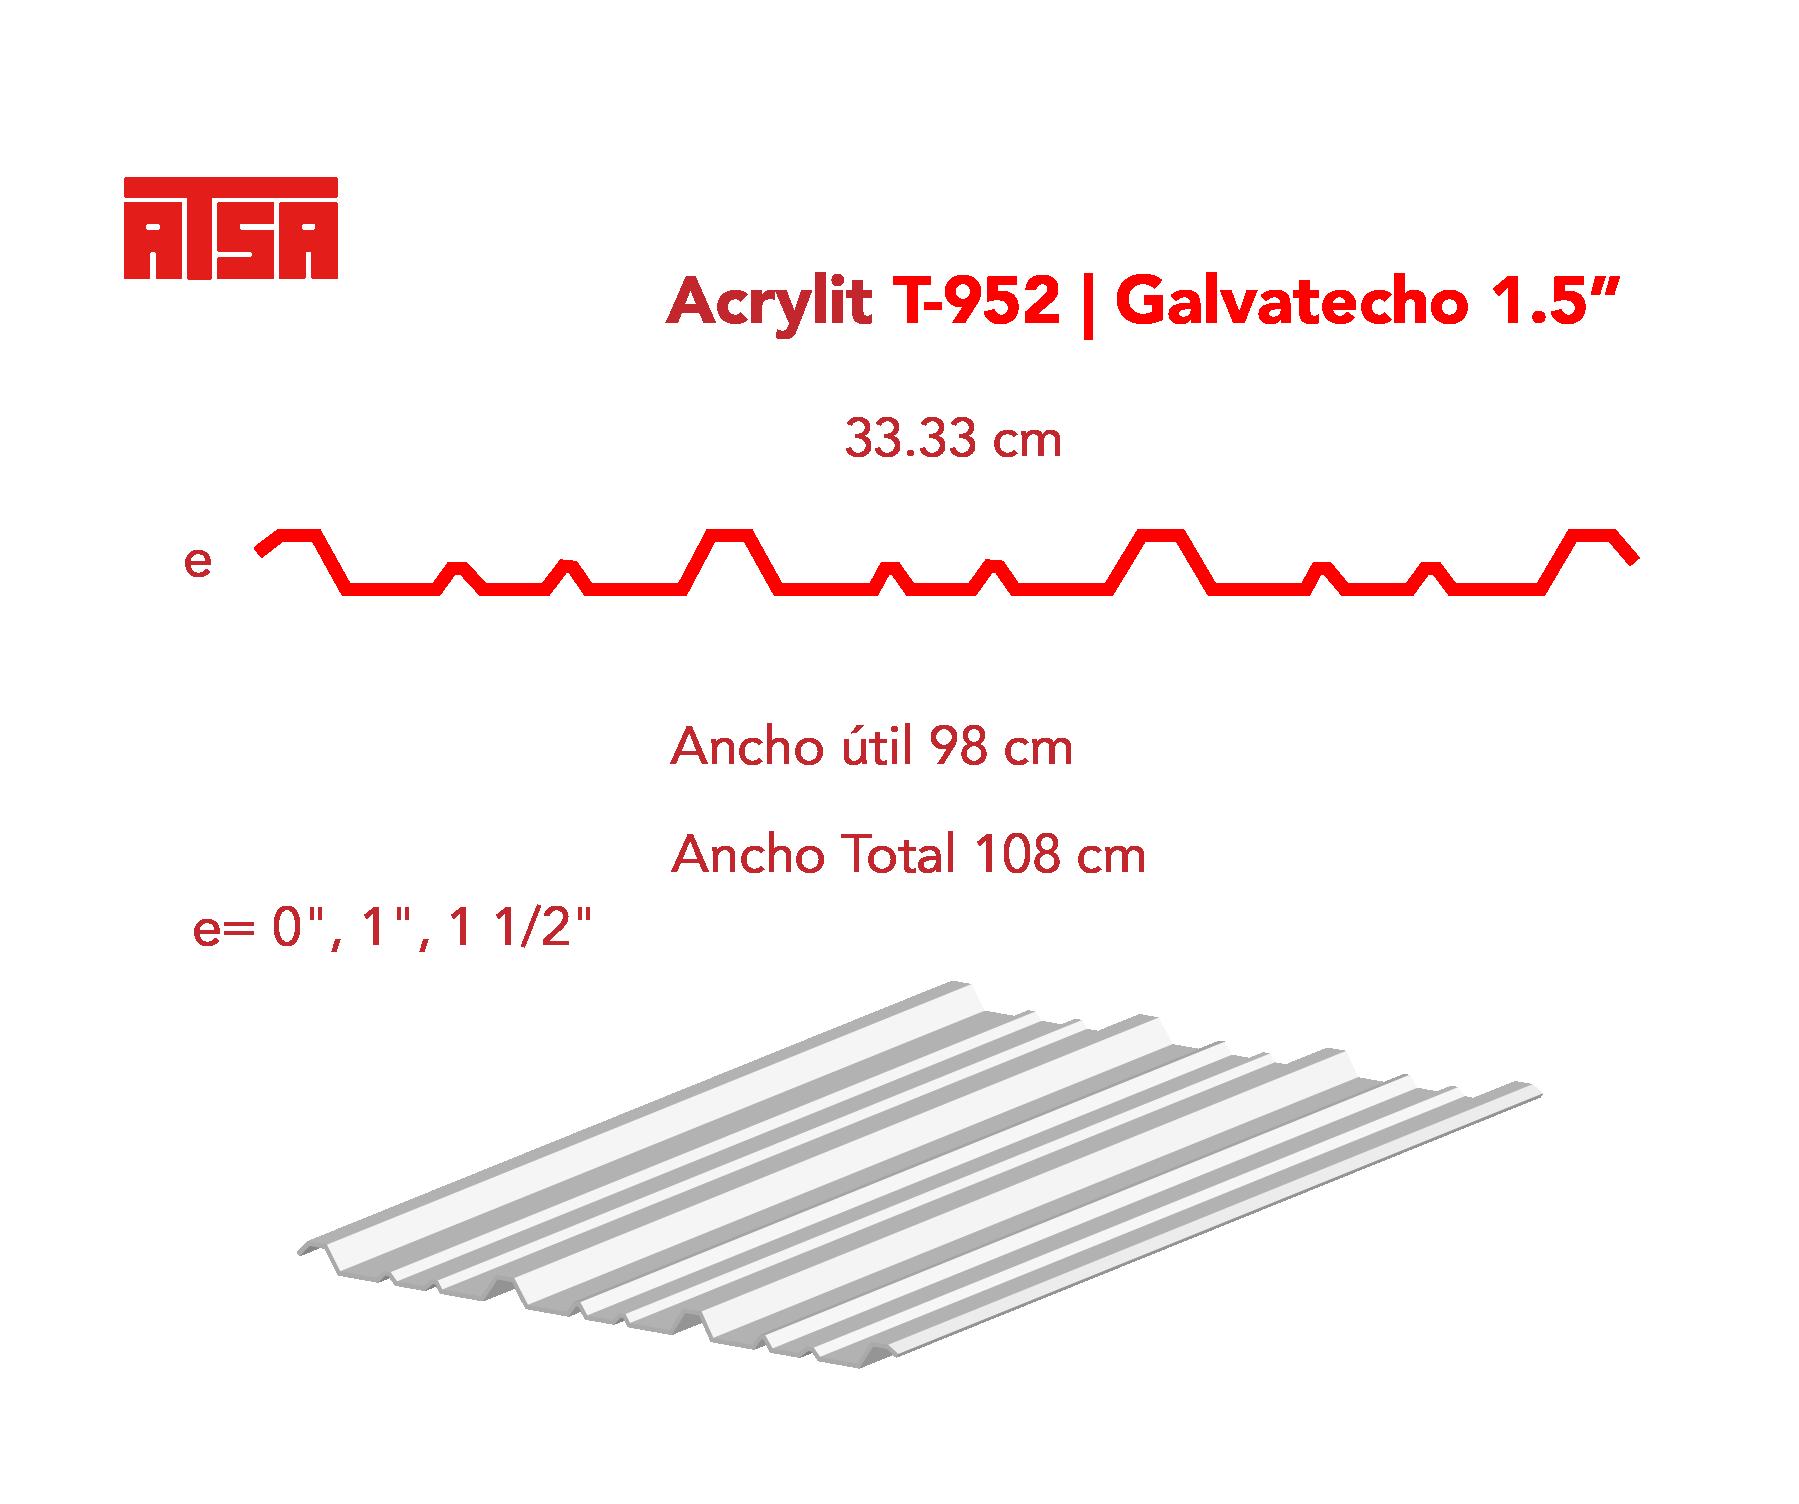 Medidas de la lámina acrylit y-952 traslúcida